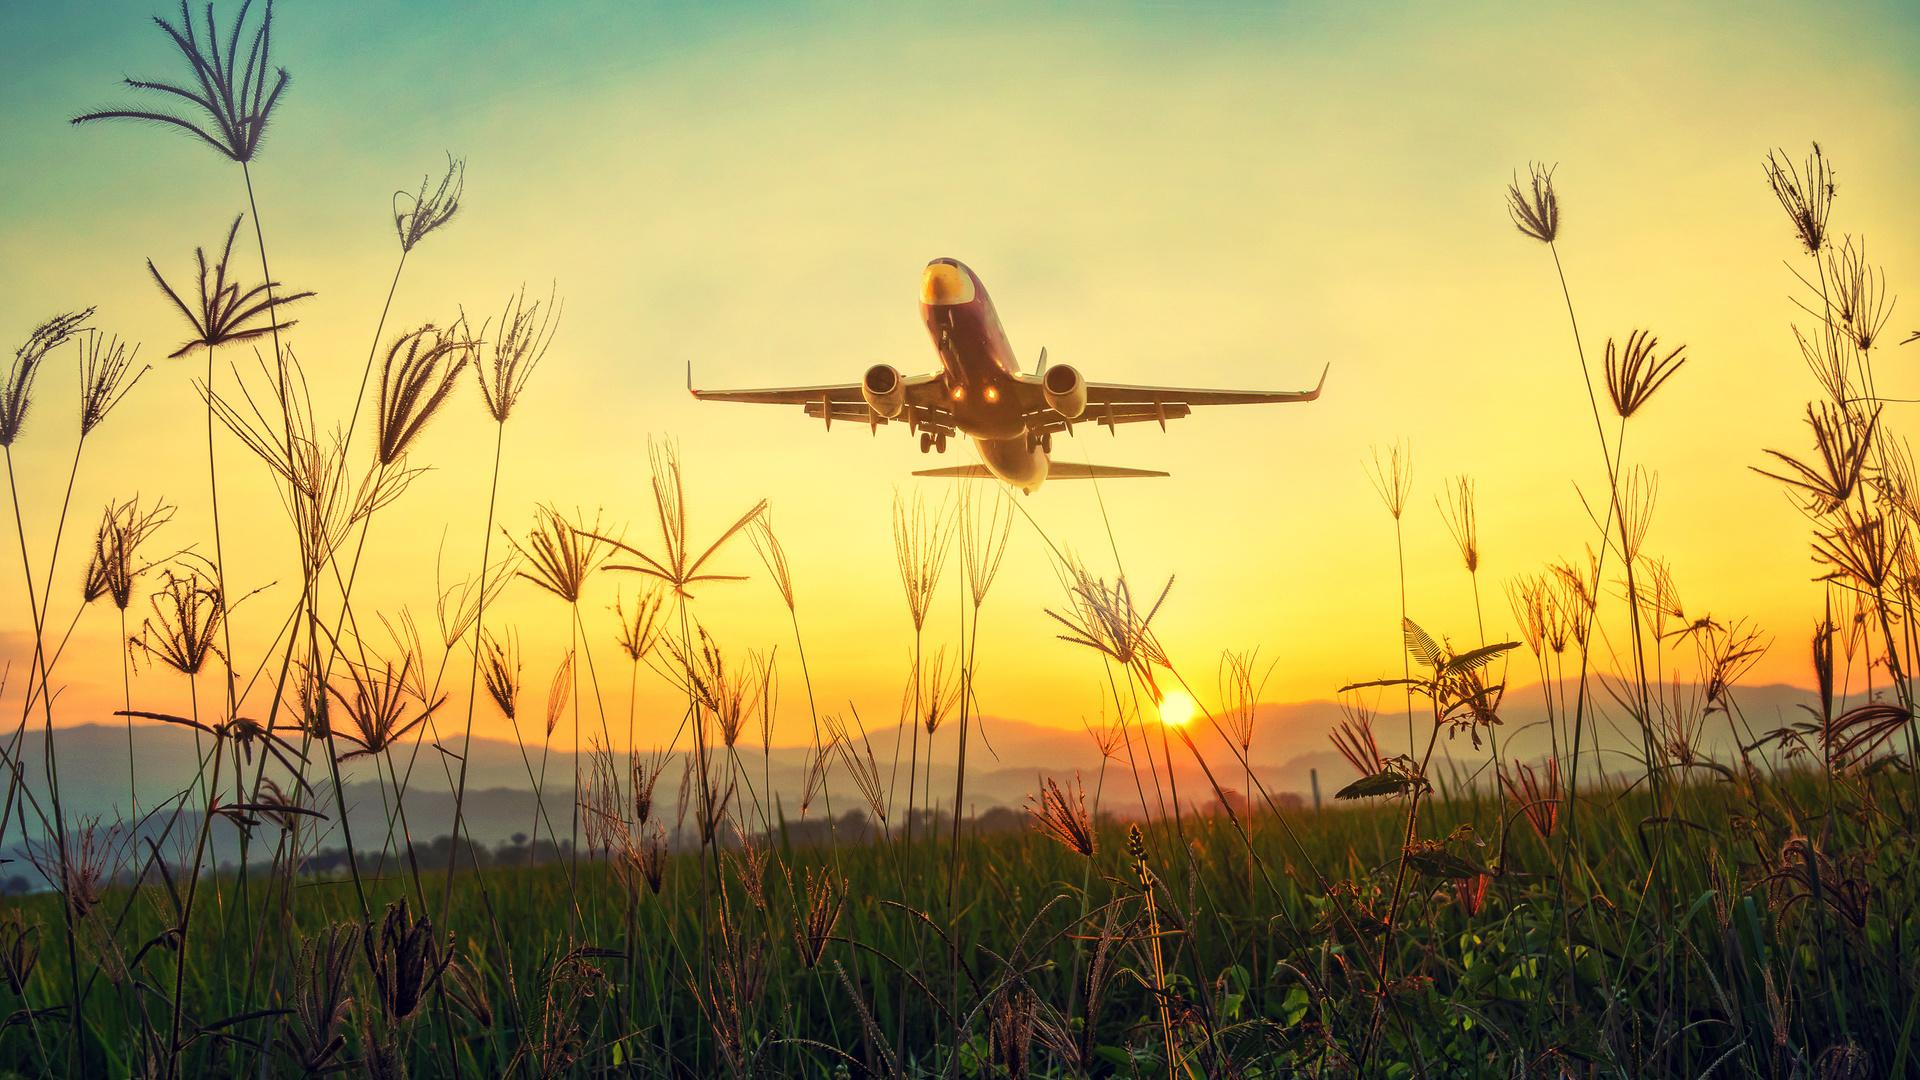 самолет, трава, взлет, солнце, авиация, природа